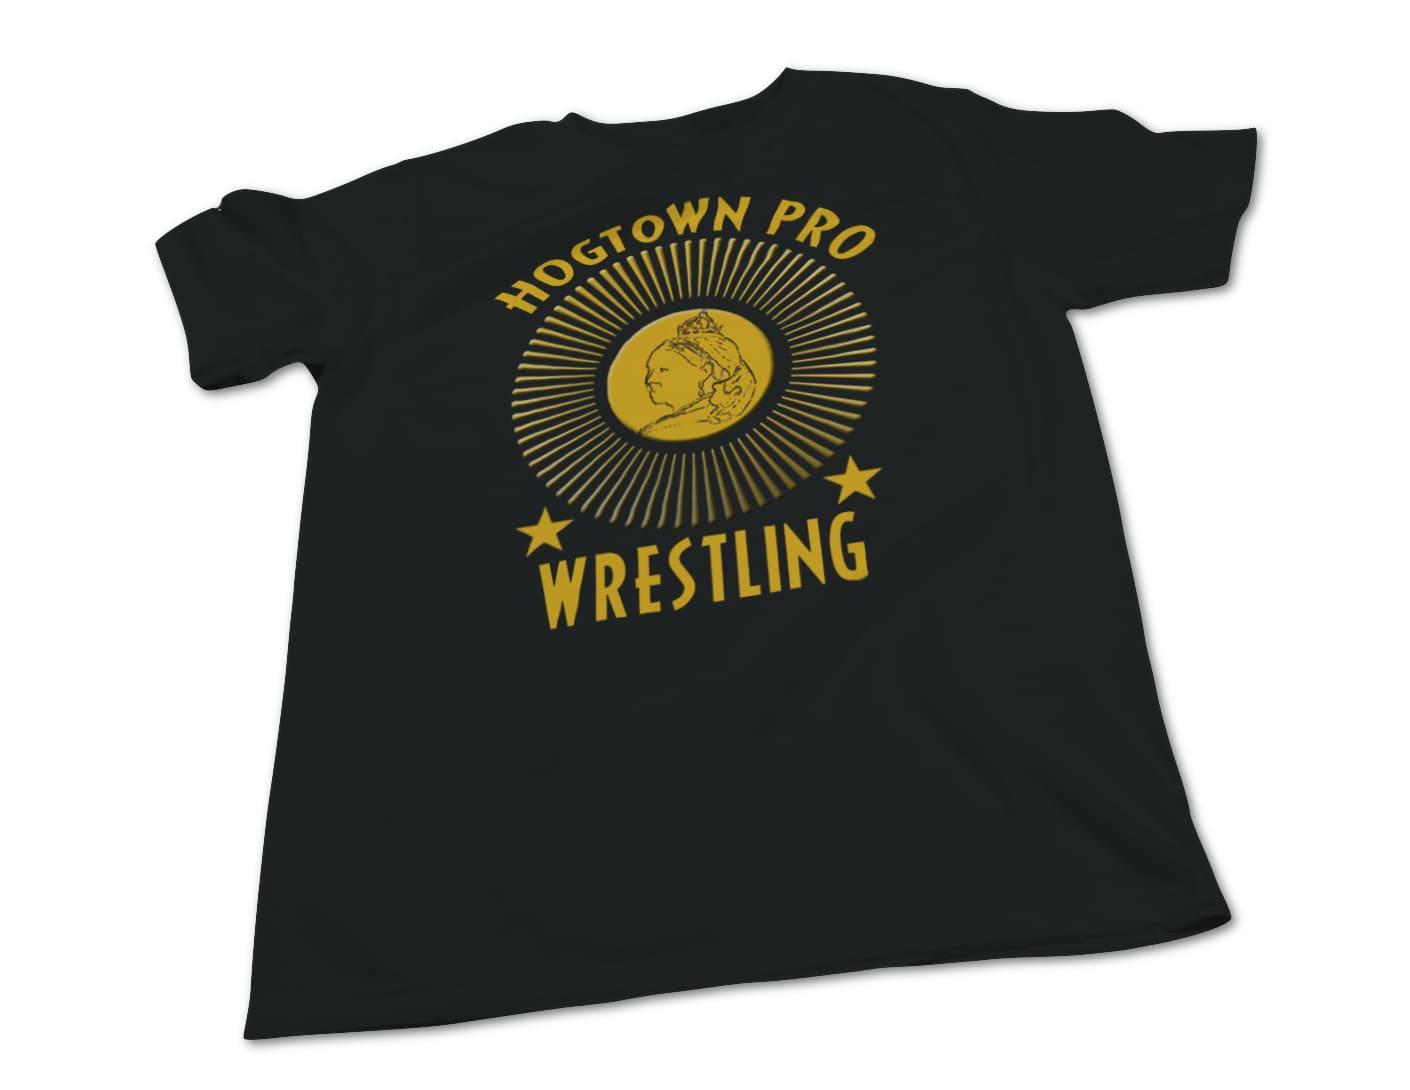 Hogtown pro wrestling hogtown original logo 1478228668